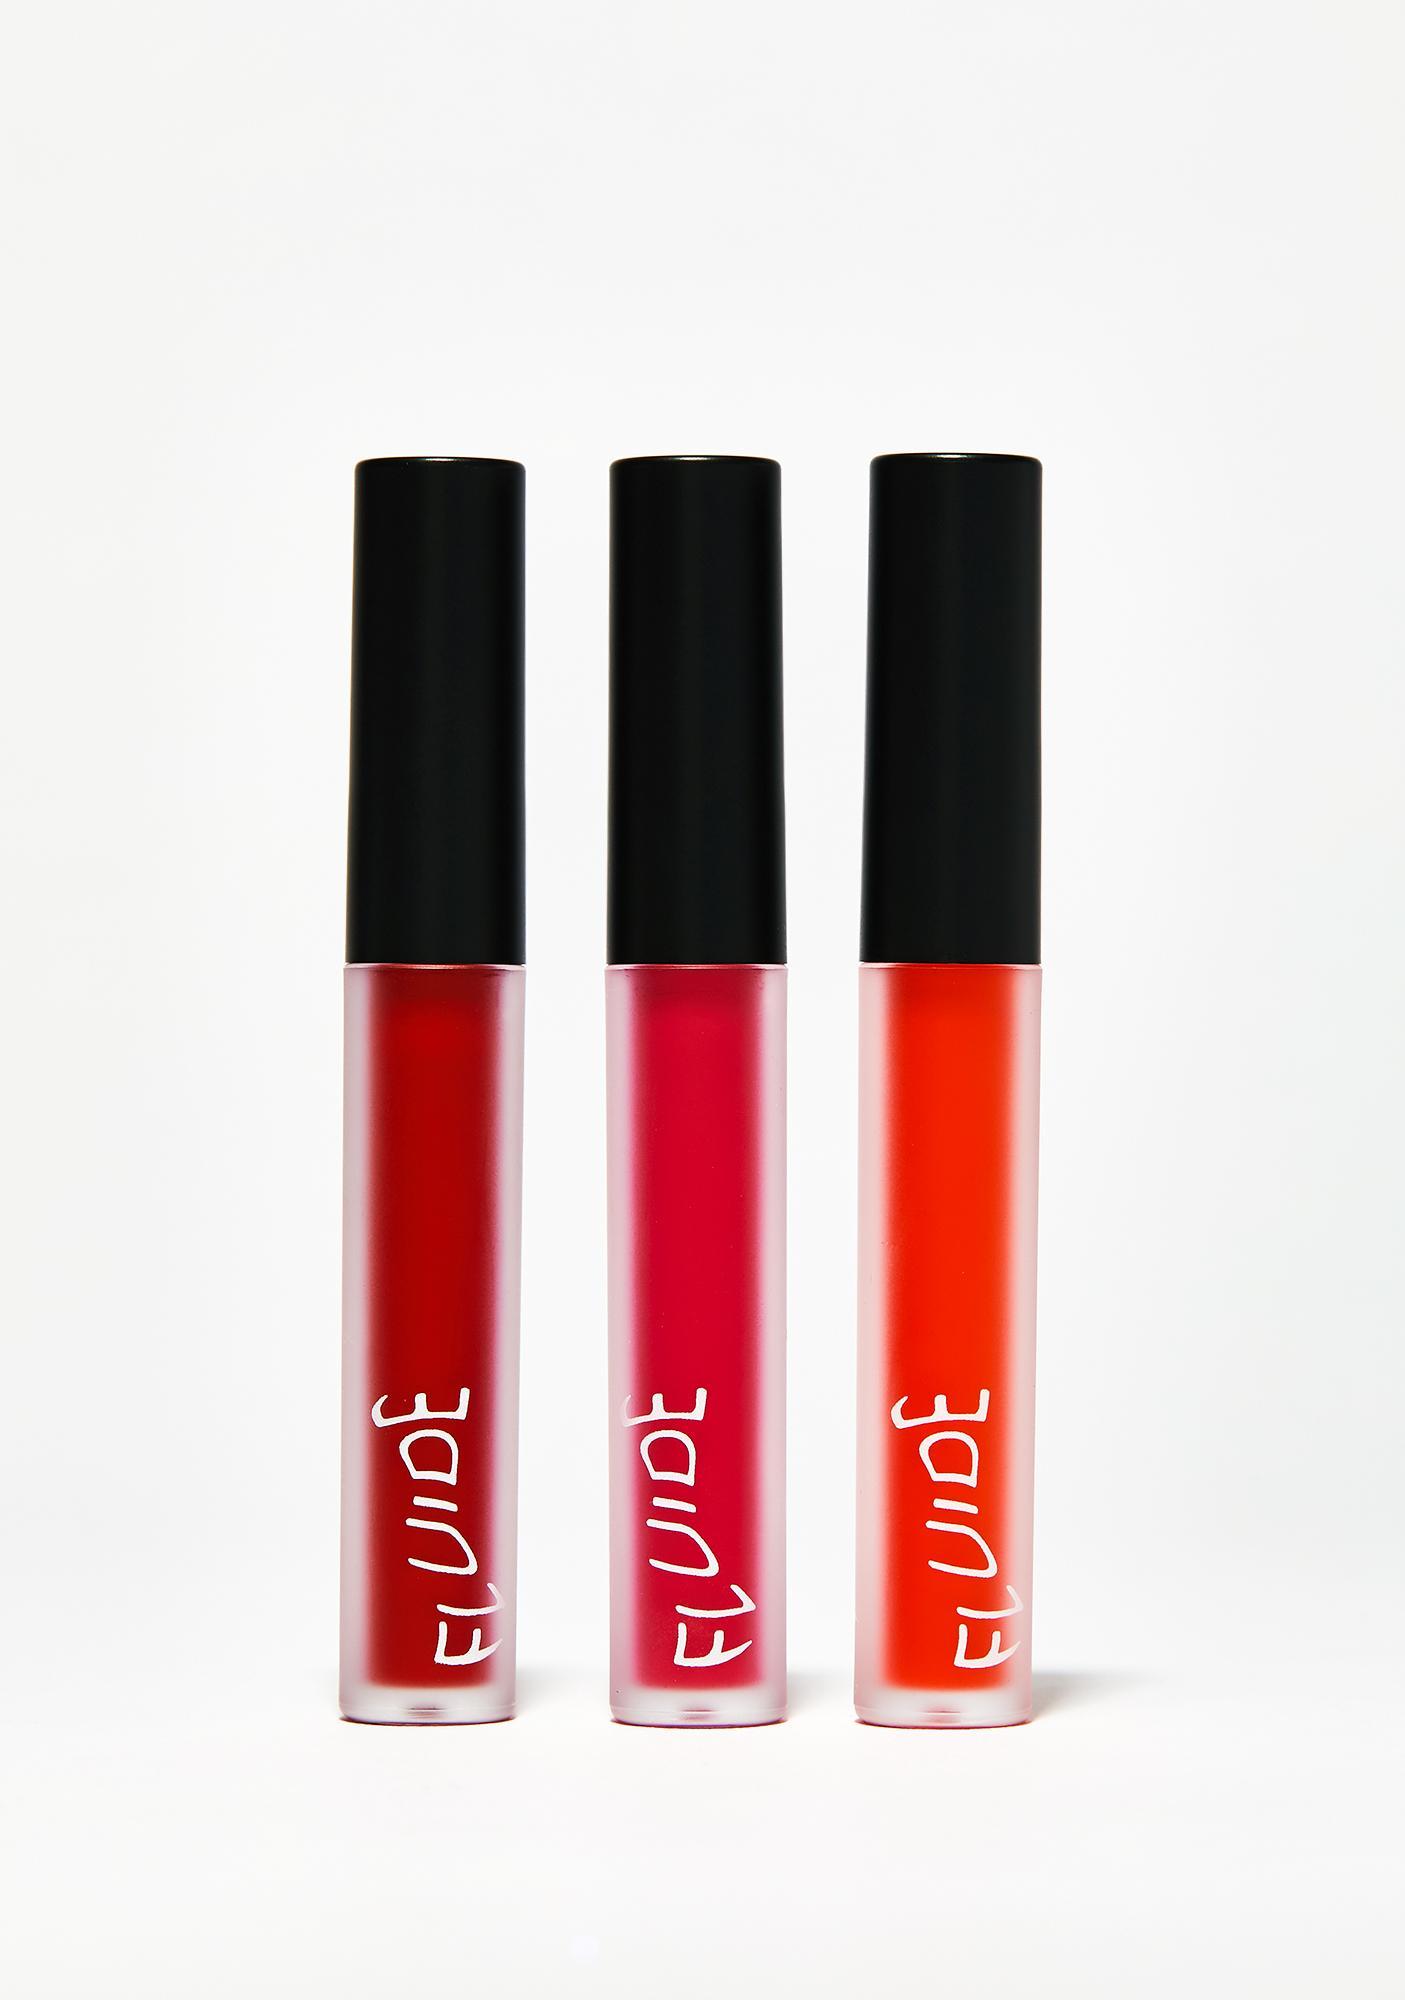 Fluide Rosemont Liquid Lipstick